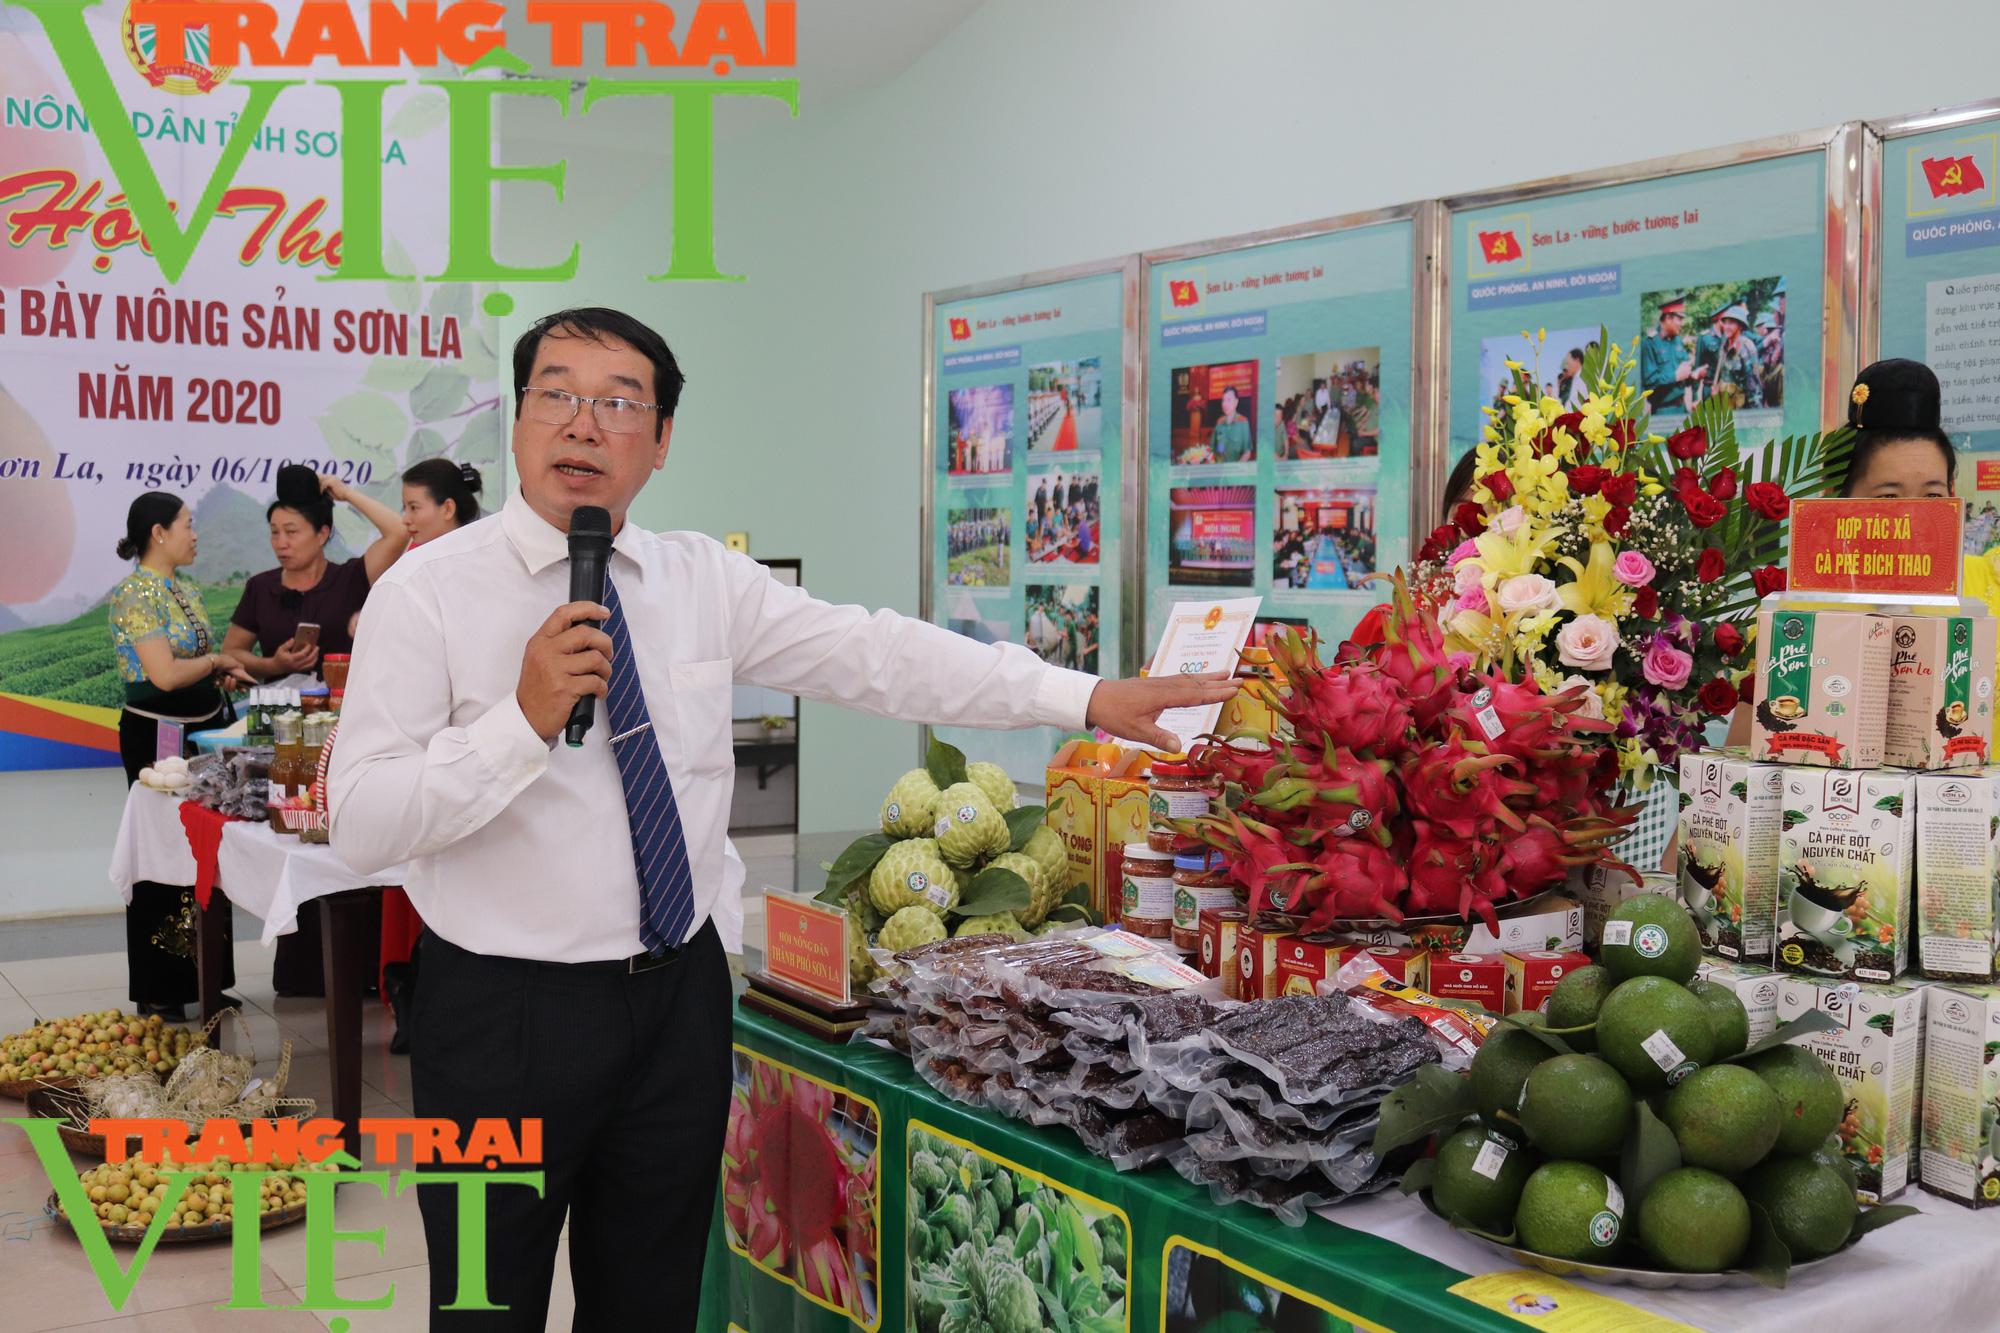 Hội Nông dân Sơn La: Làm tốt các hoạt động dịch vụ, tư vấn, dạy nghề, hỗ trợ nông dân - Ảnh 4.